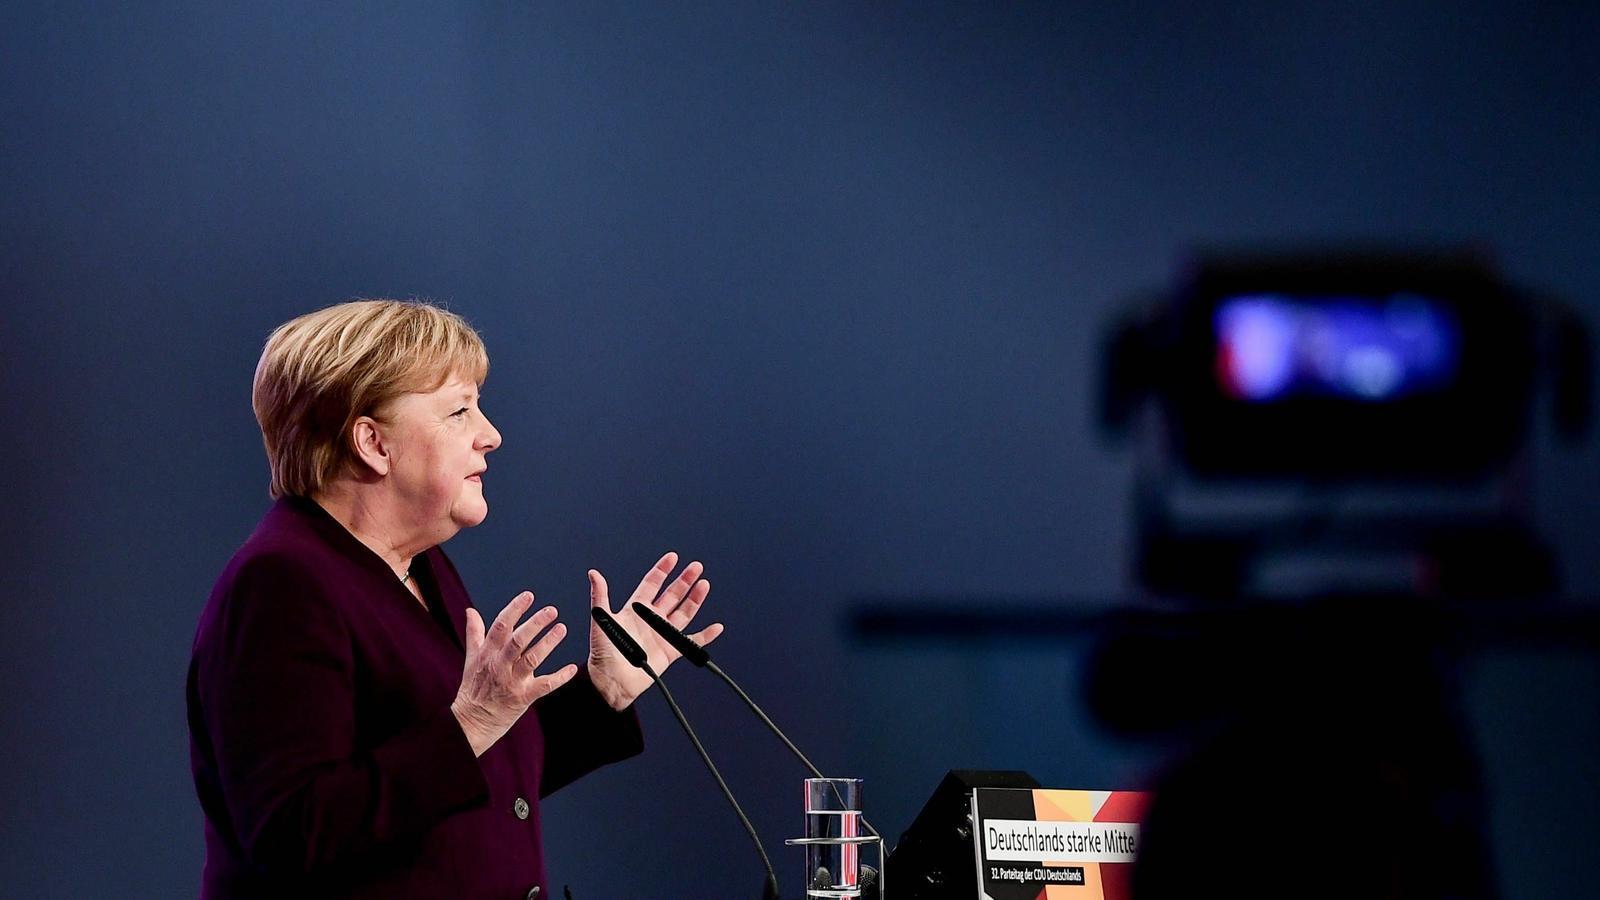 És hora d'un canvi a Alemanya